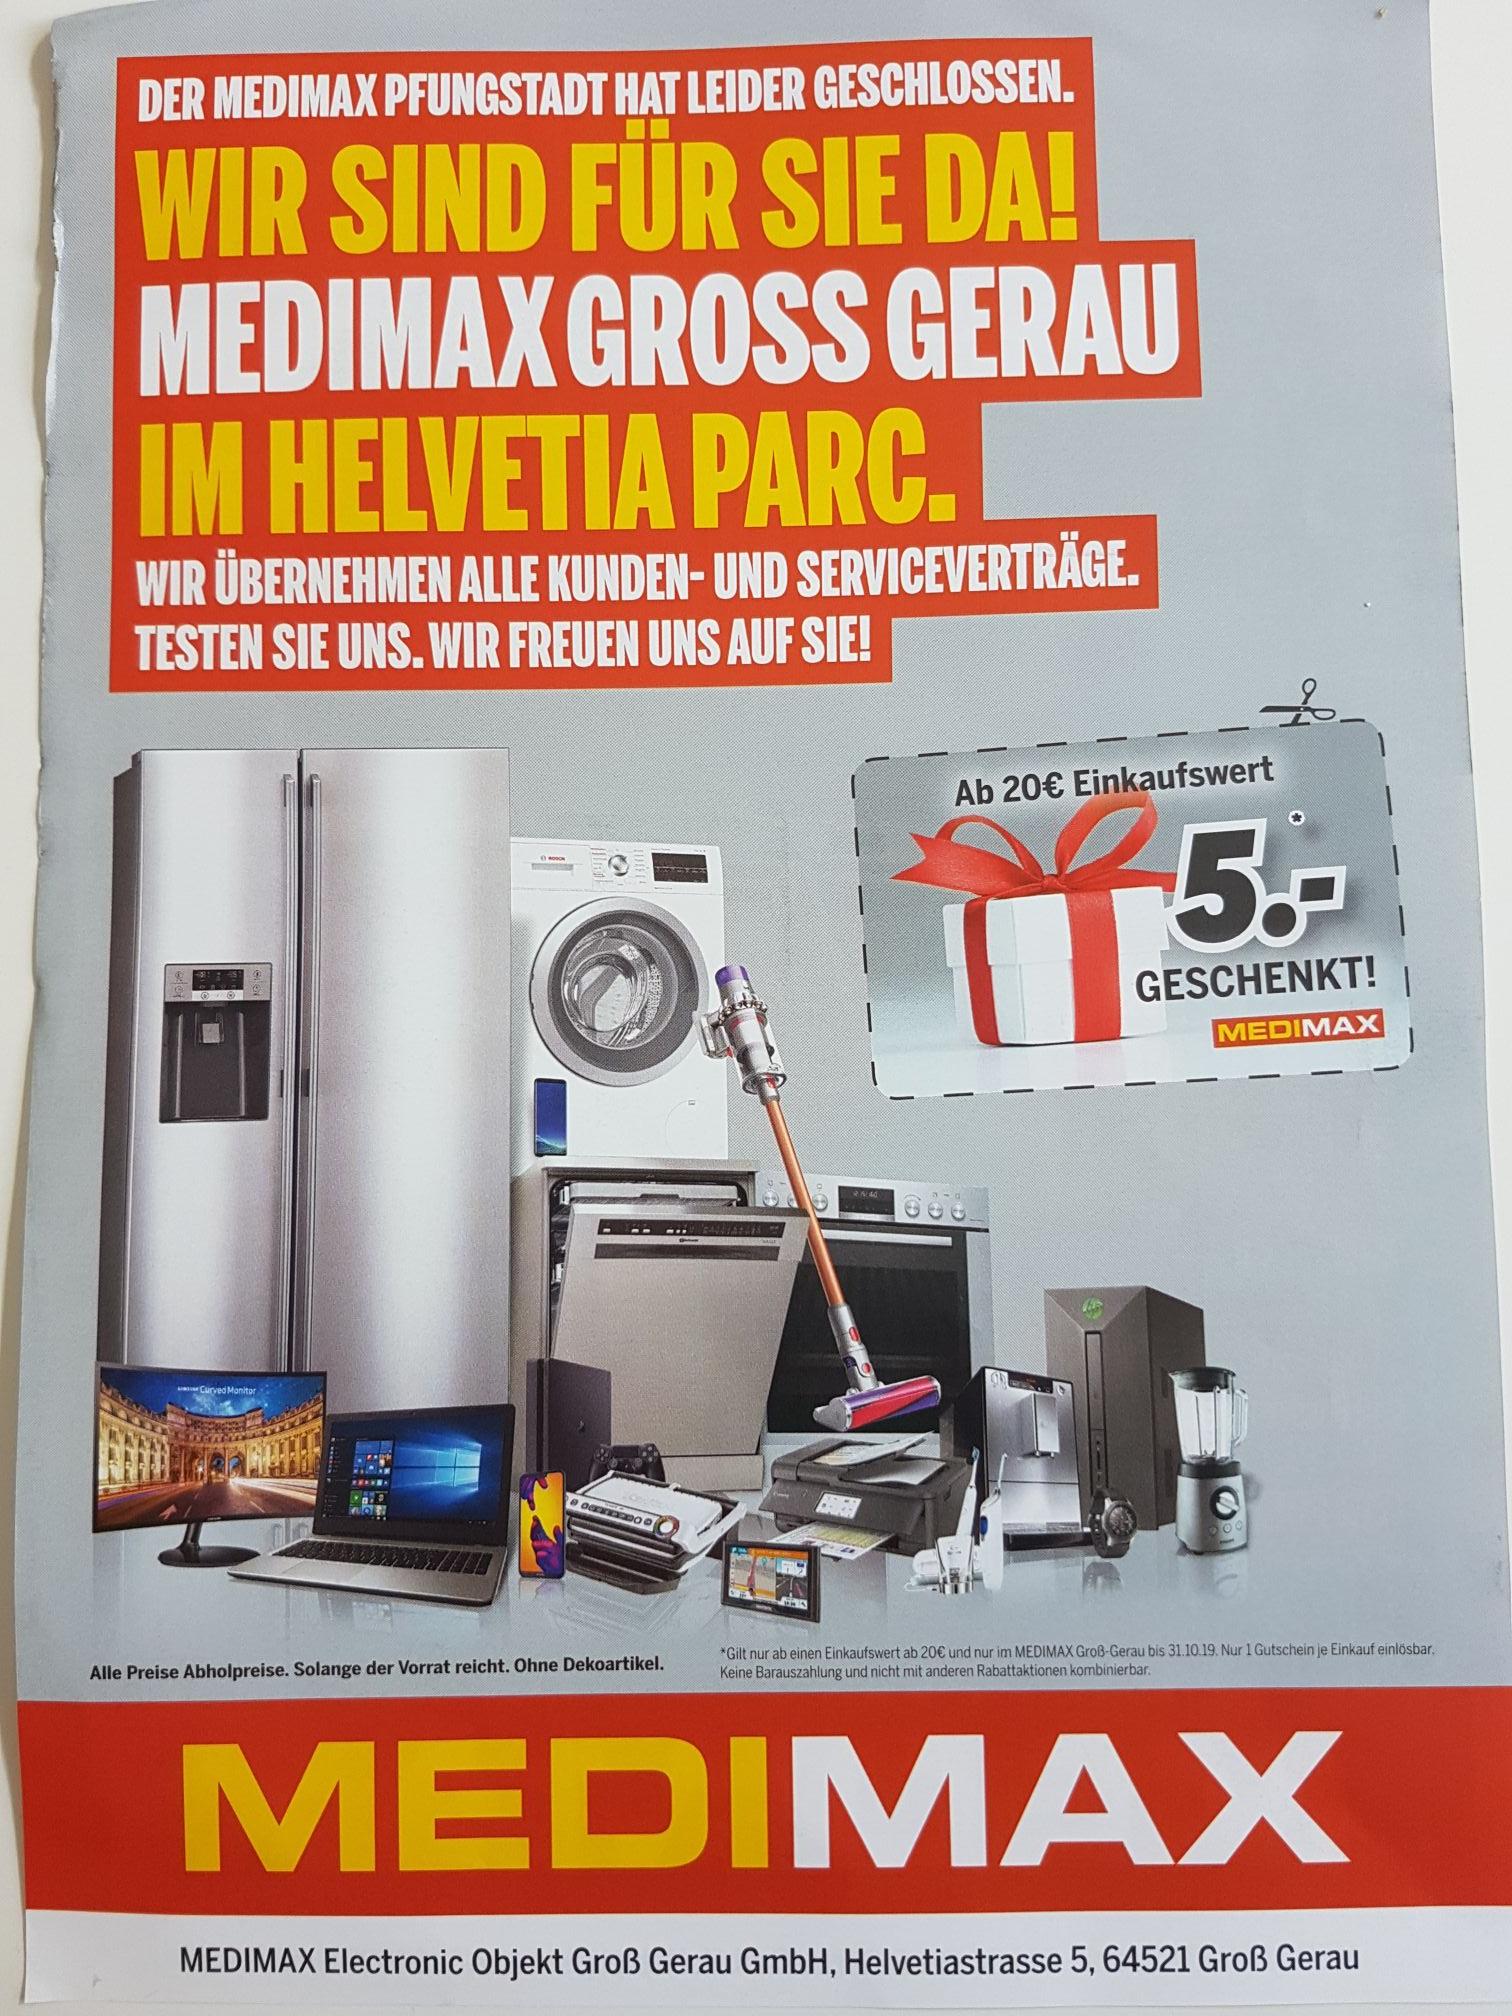 [Lokal] MEDIMAX Groß-Gerau Gutschein 5€ ab 20€ Einkaufswert